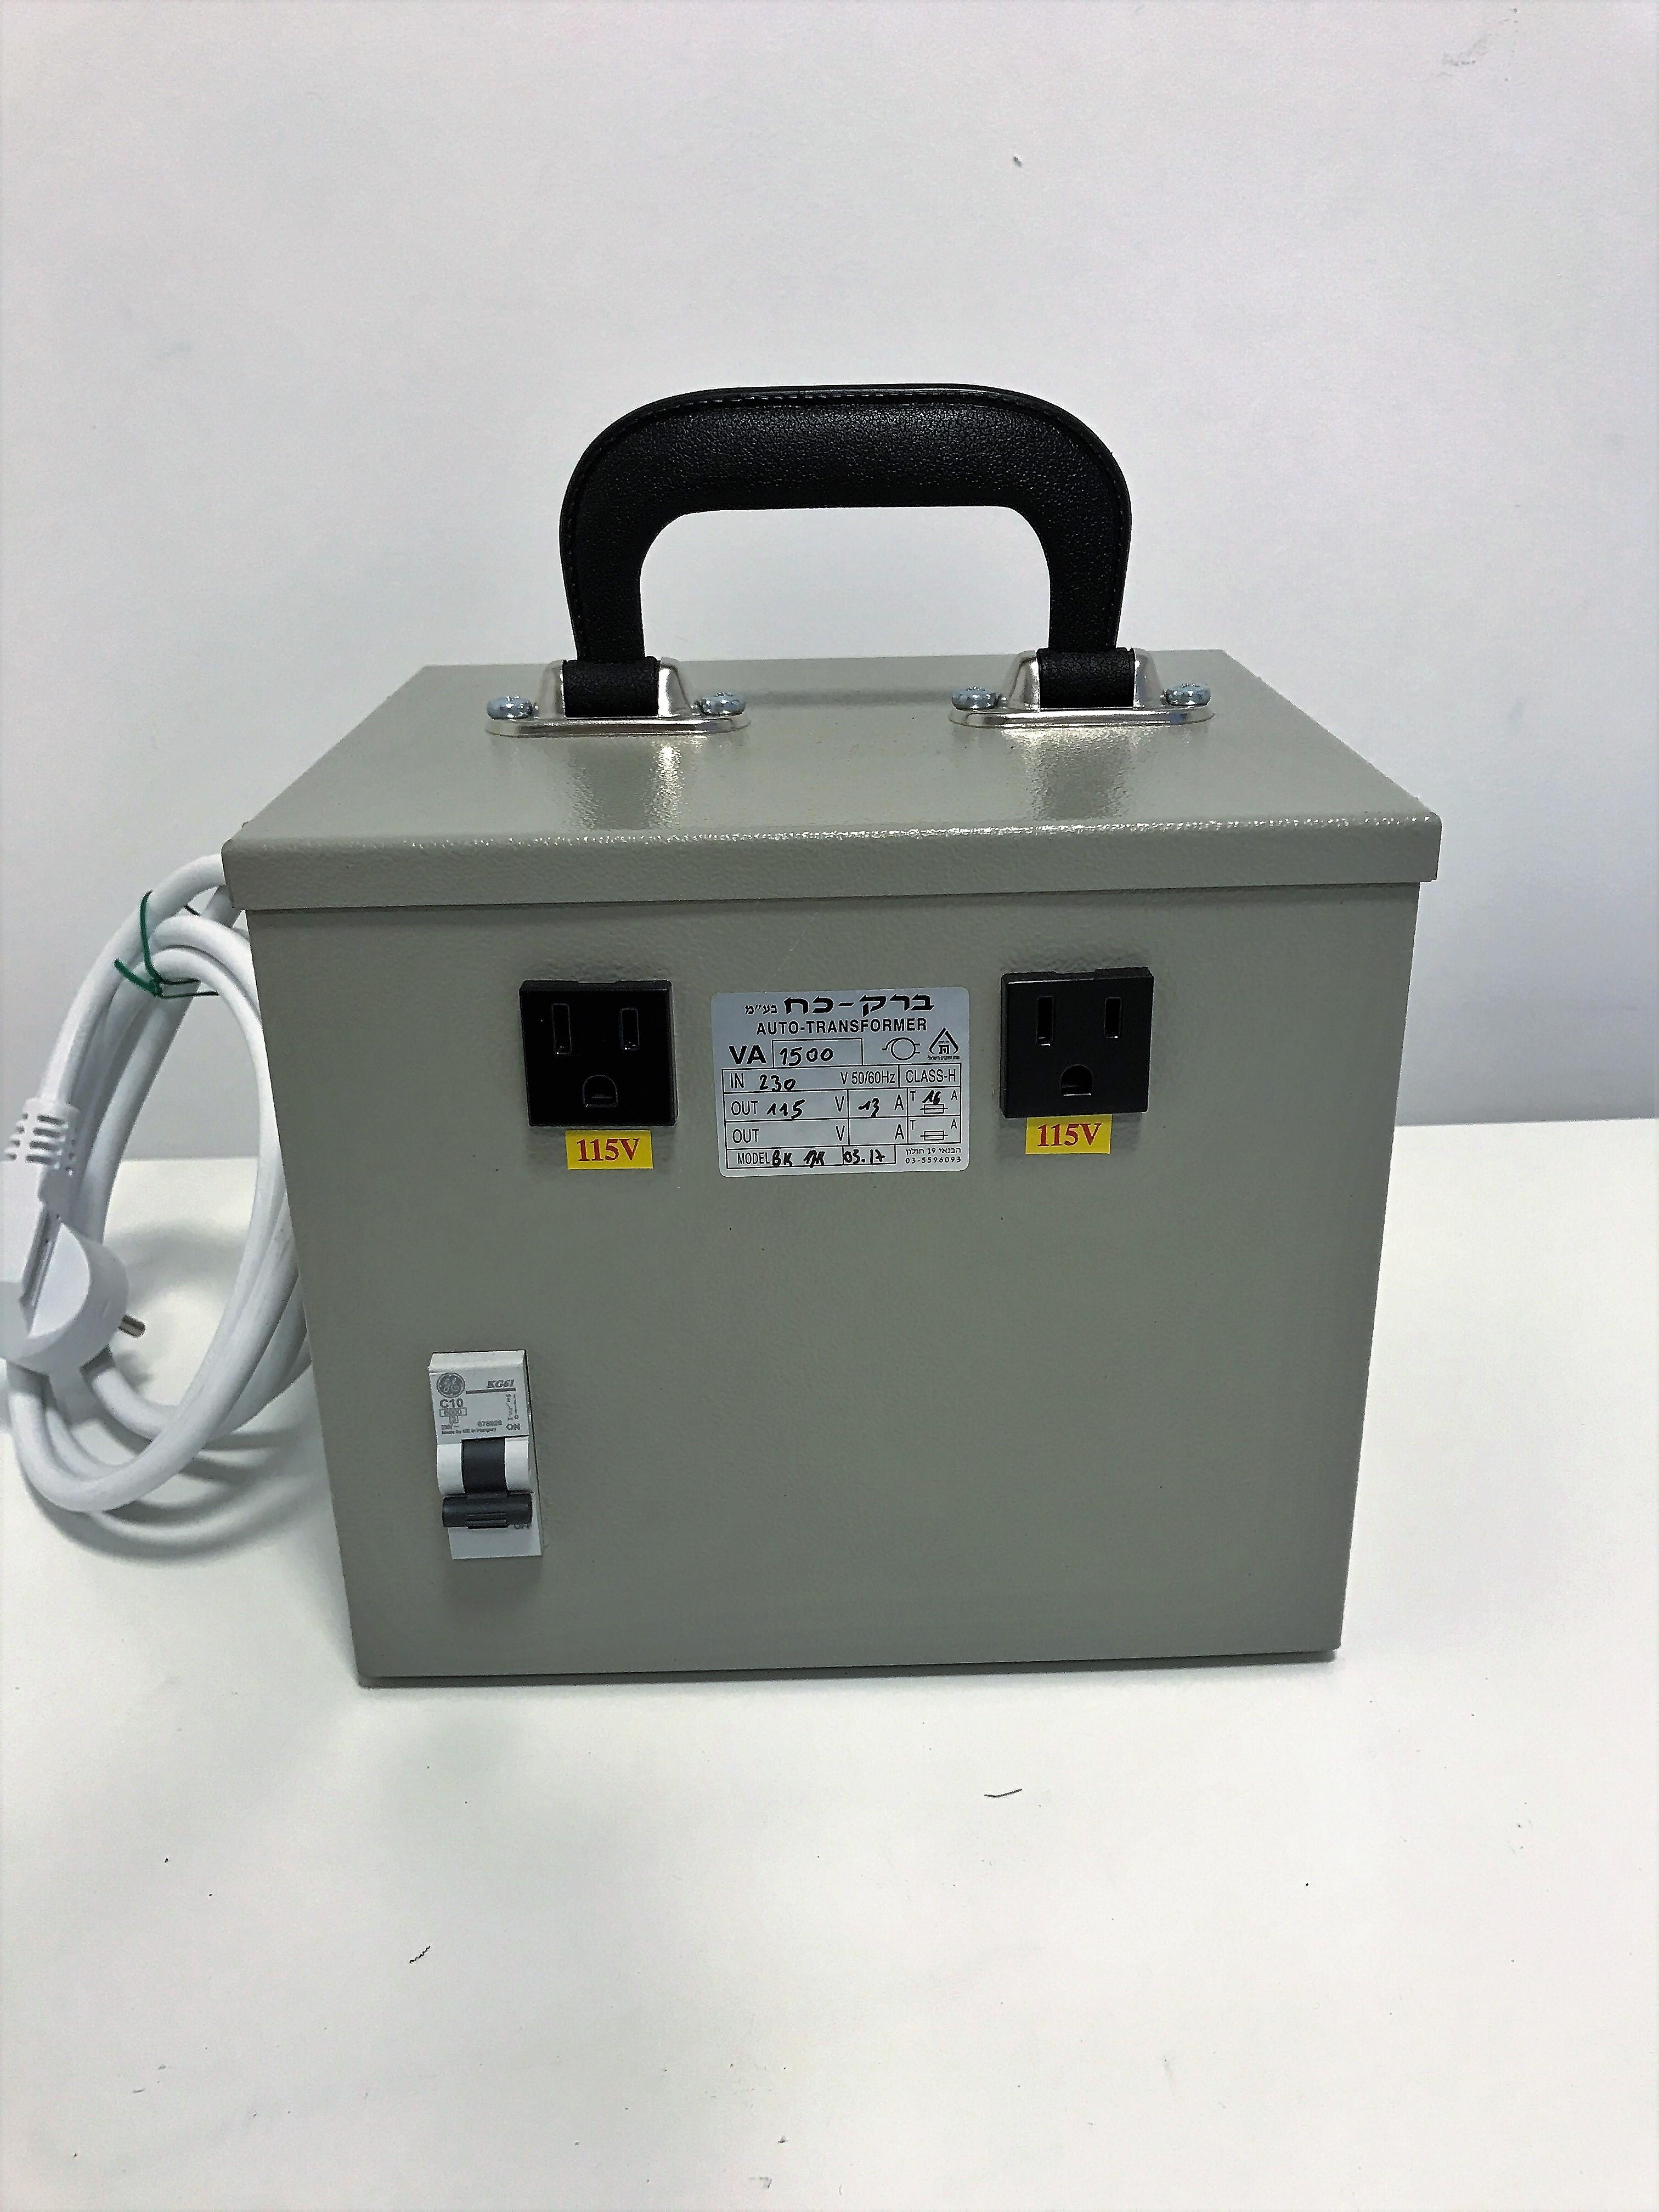 שנאי אוטוטרפו *קומפלט* בהספק 600VA (למכשיר אמריקאי 115V)